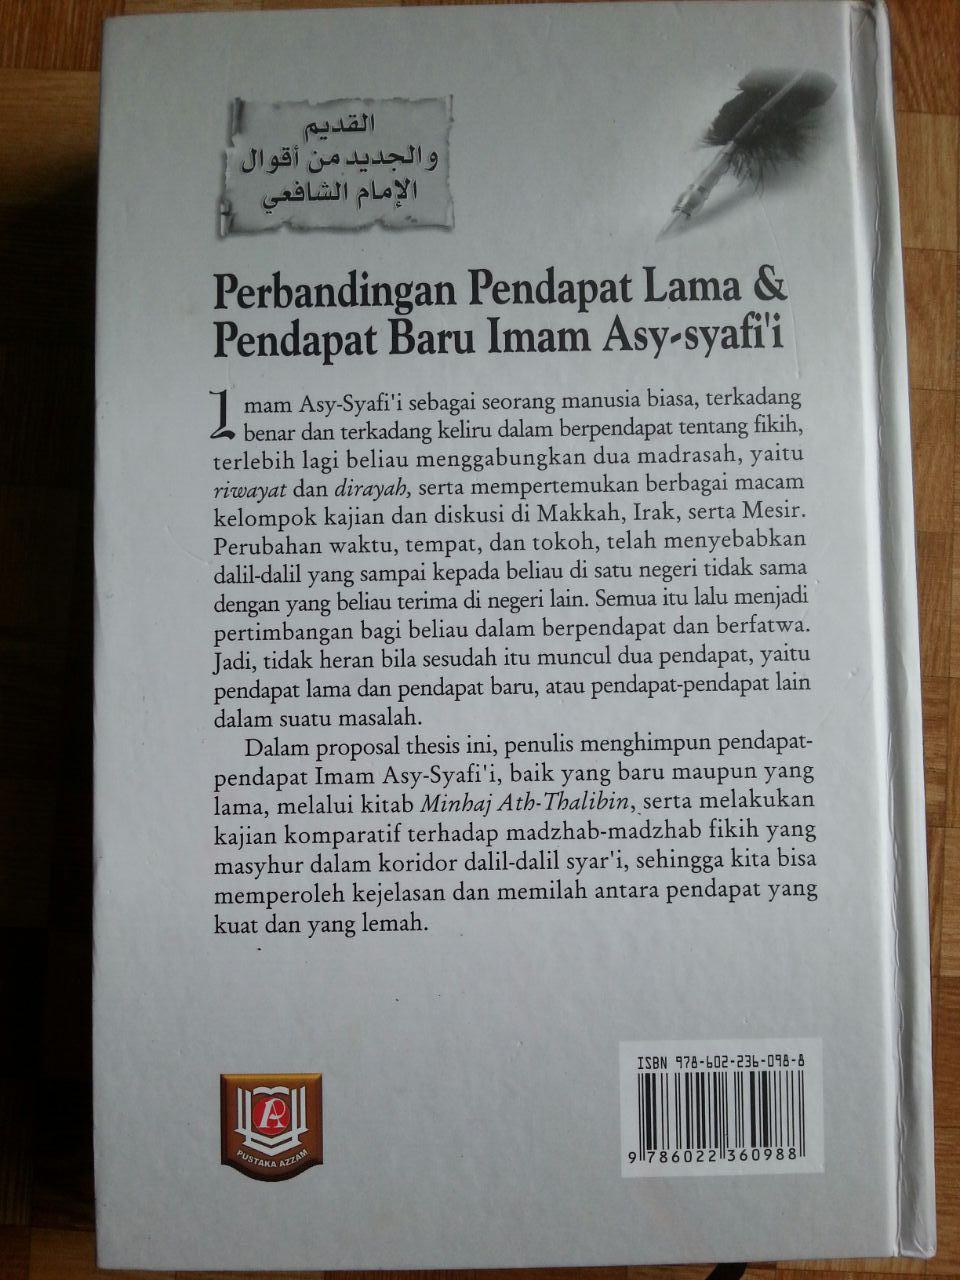 Buku Perbandingan Pendapat Lama Dan Pendapat Baru Imam Asy-Syafi'i cover